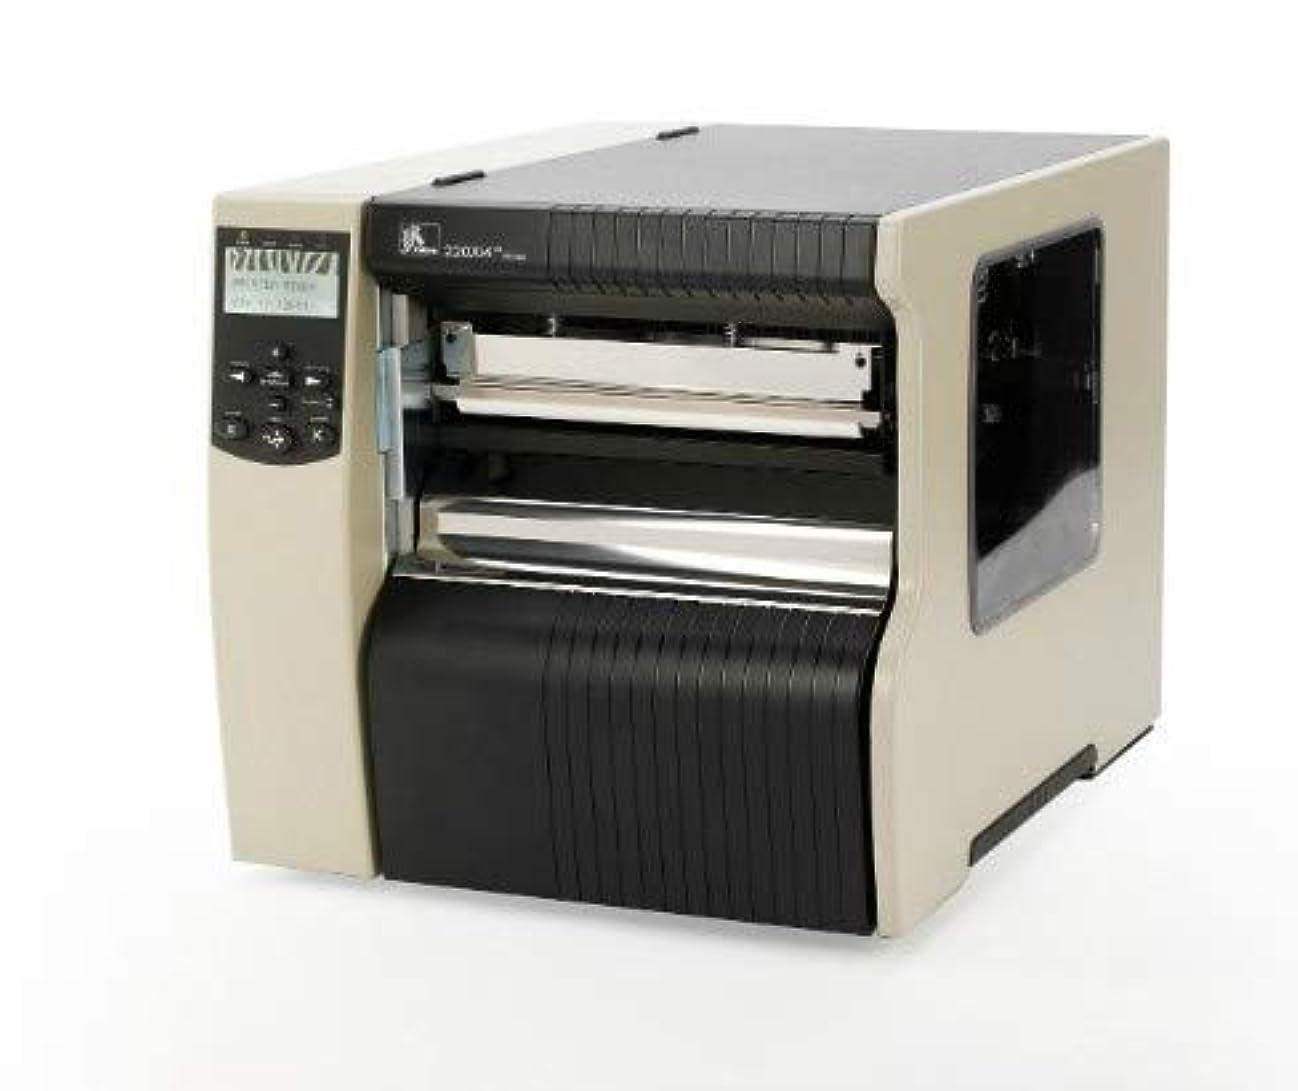 ライオン無駄に酔ってZebra 220Xi4 label printer 300 x 300 DPI